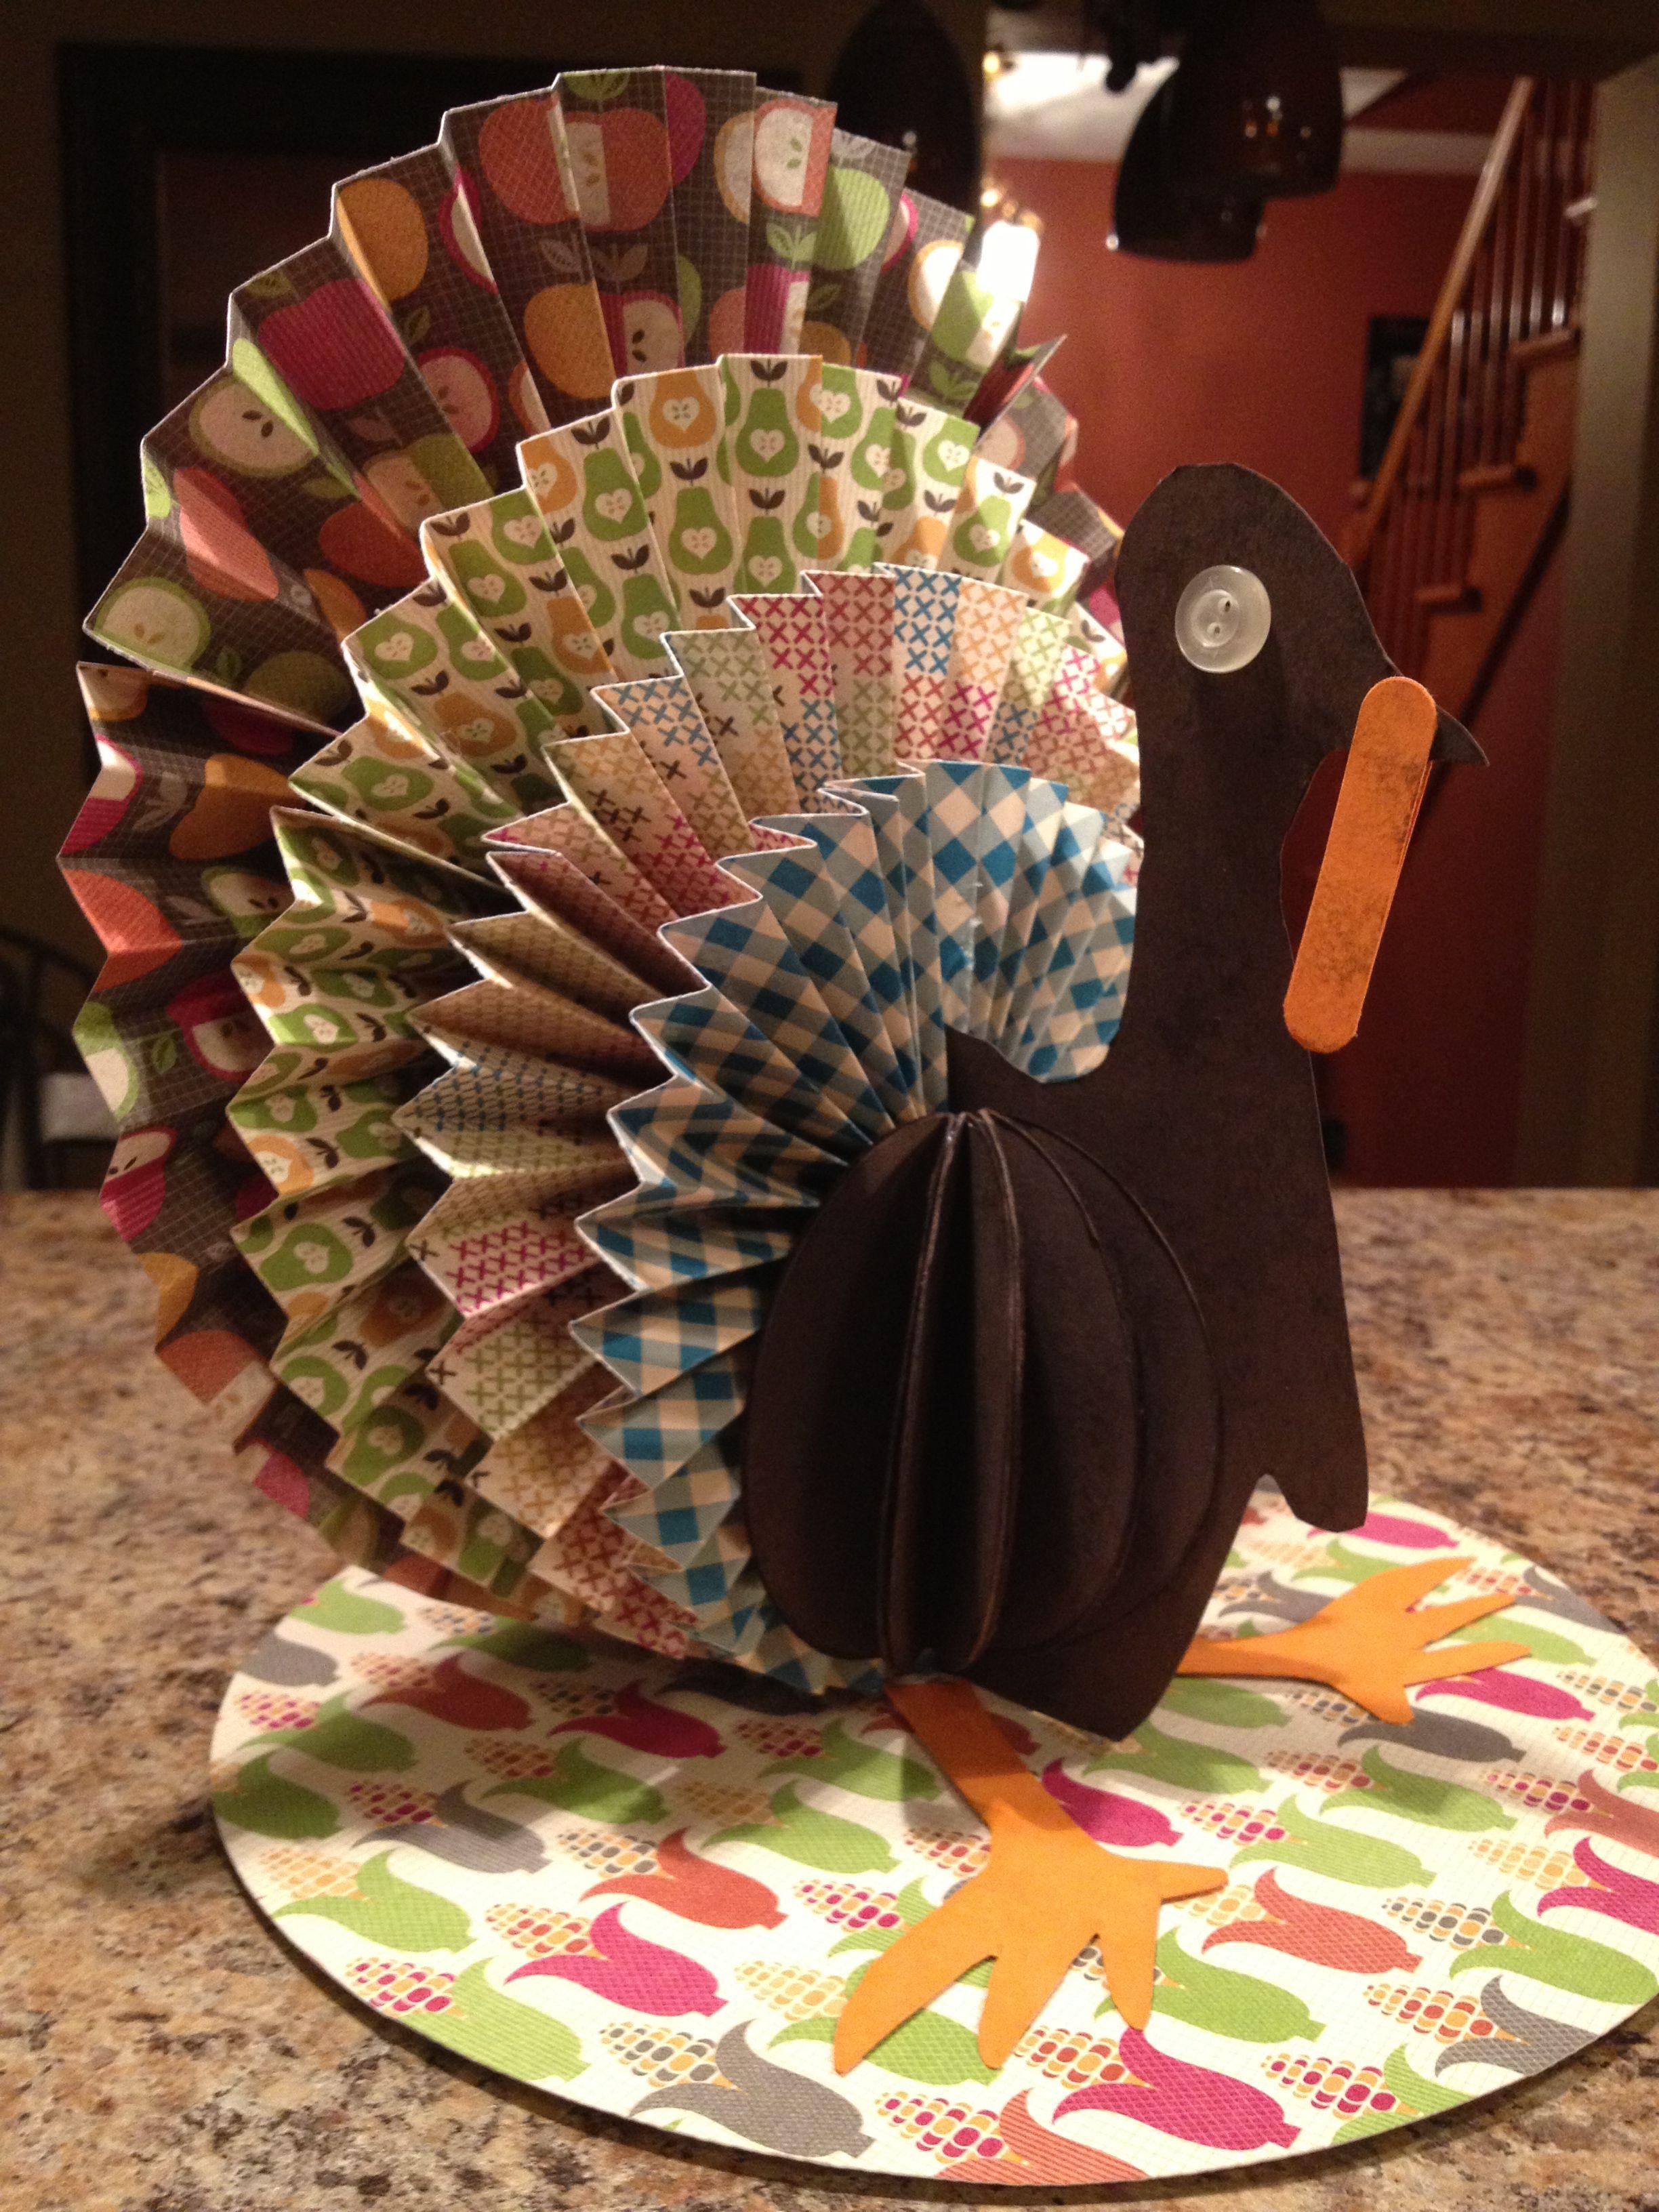 Thanksgiving paper turkey centerpiece crafts